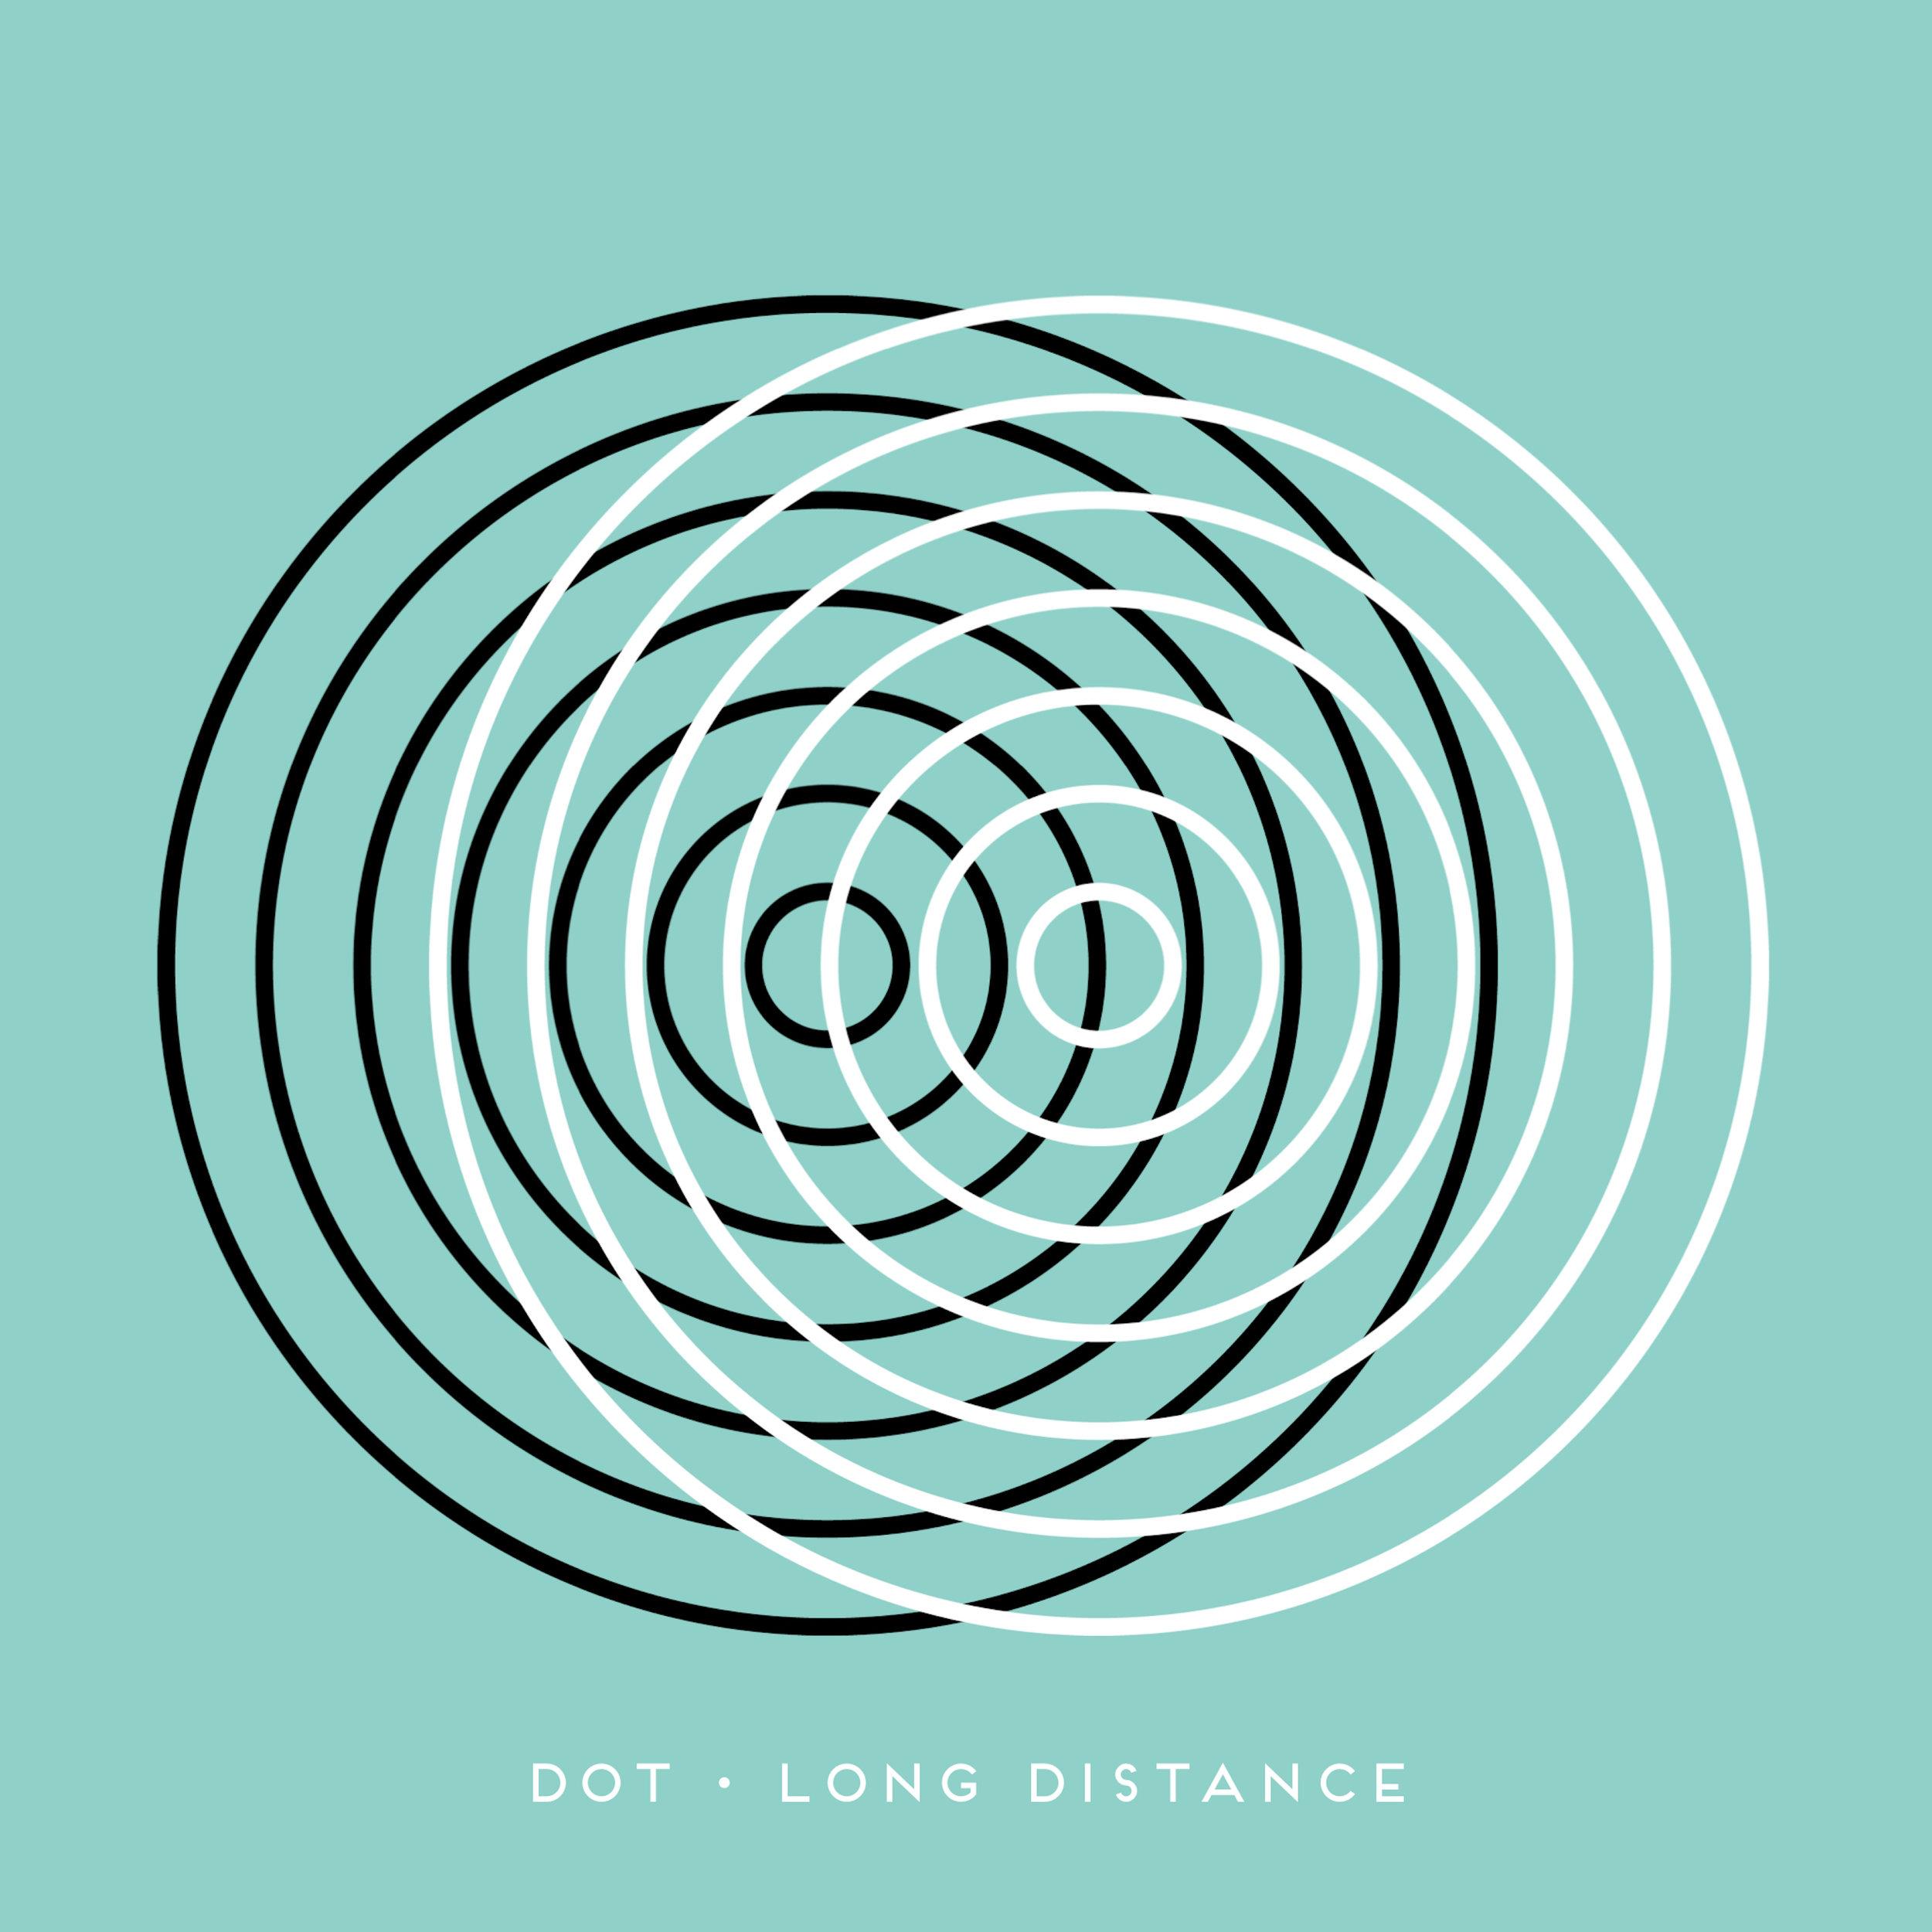 Dot - Long Distance ARTWORK.jpg